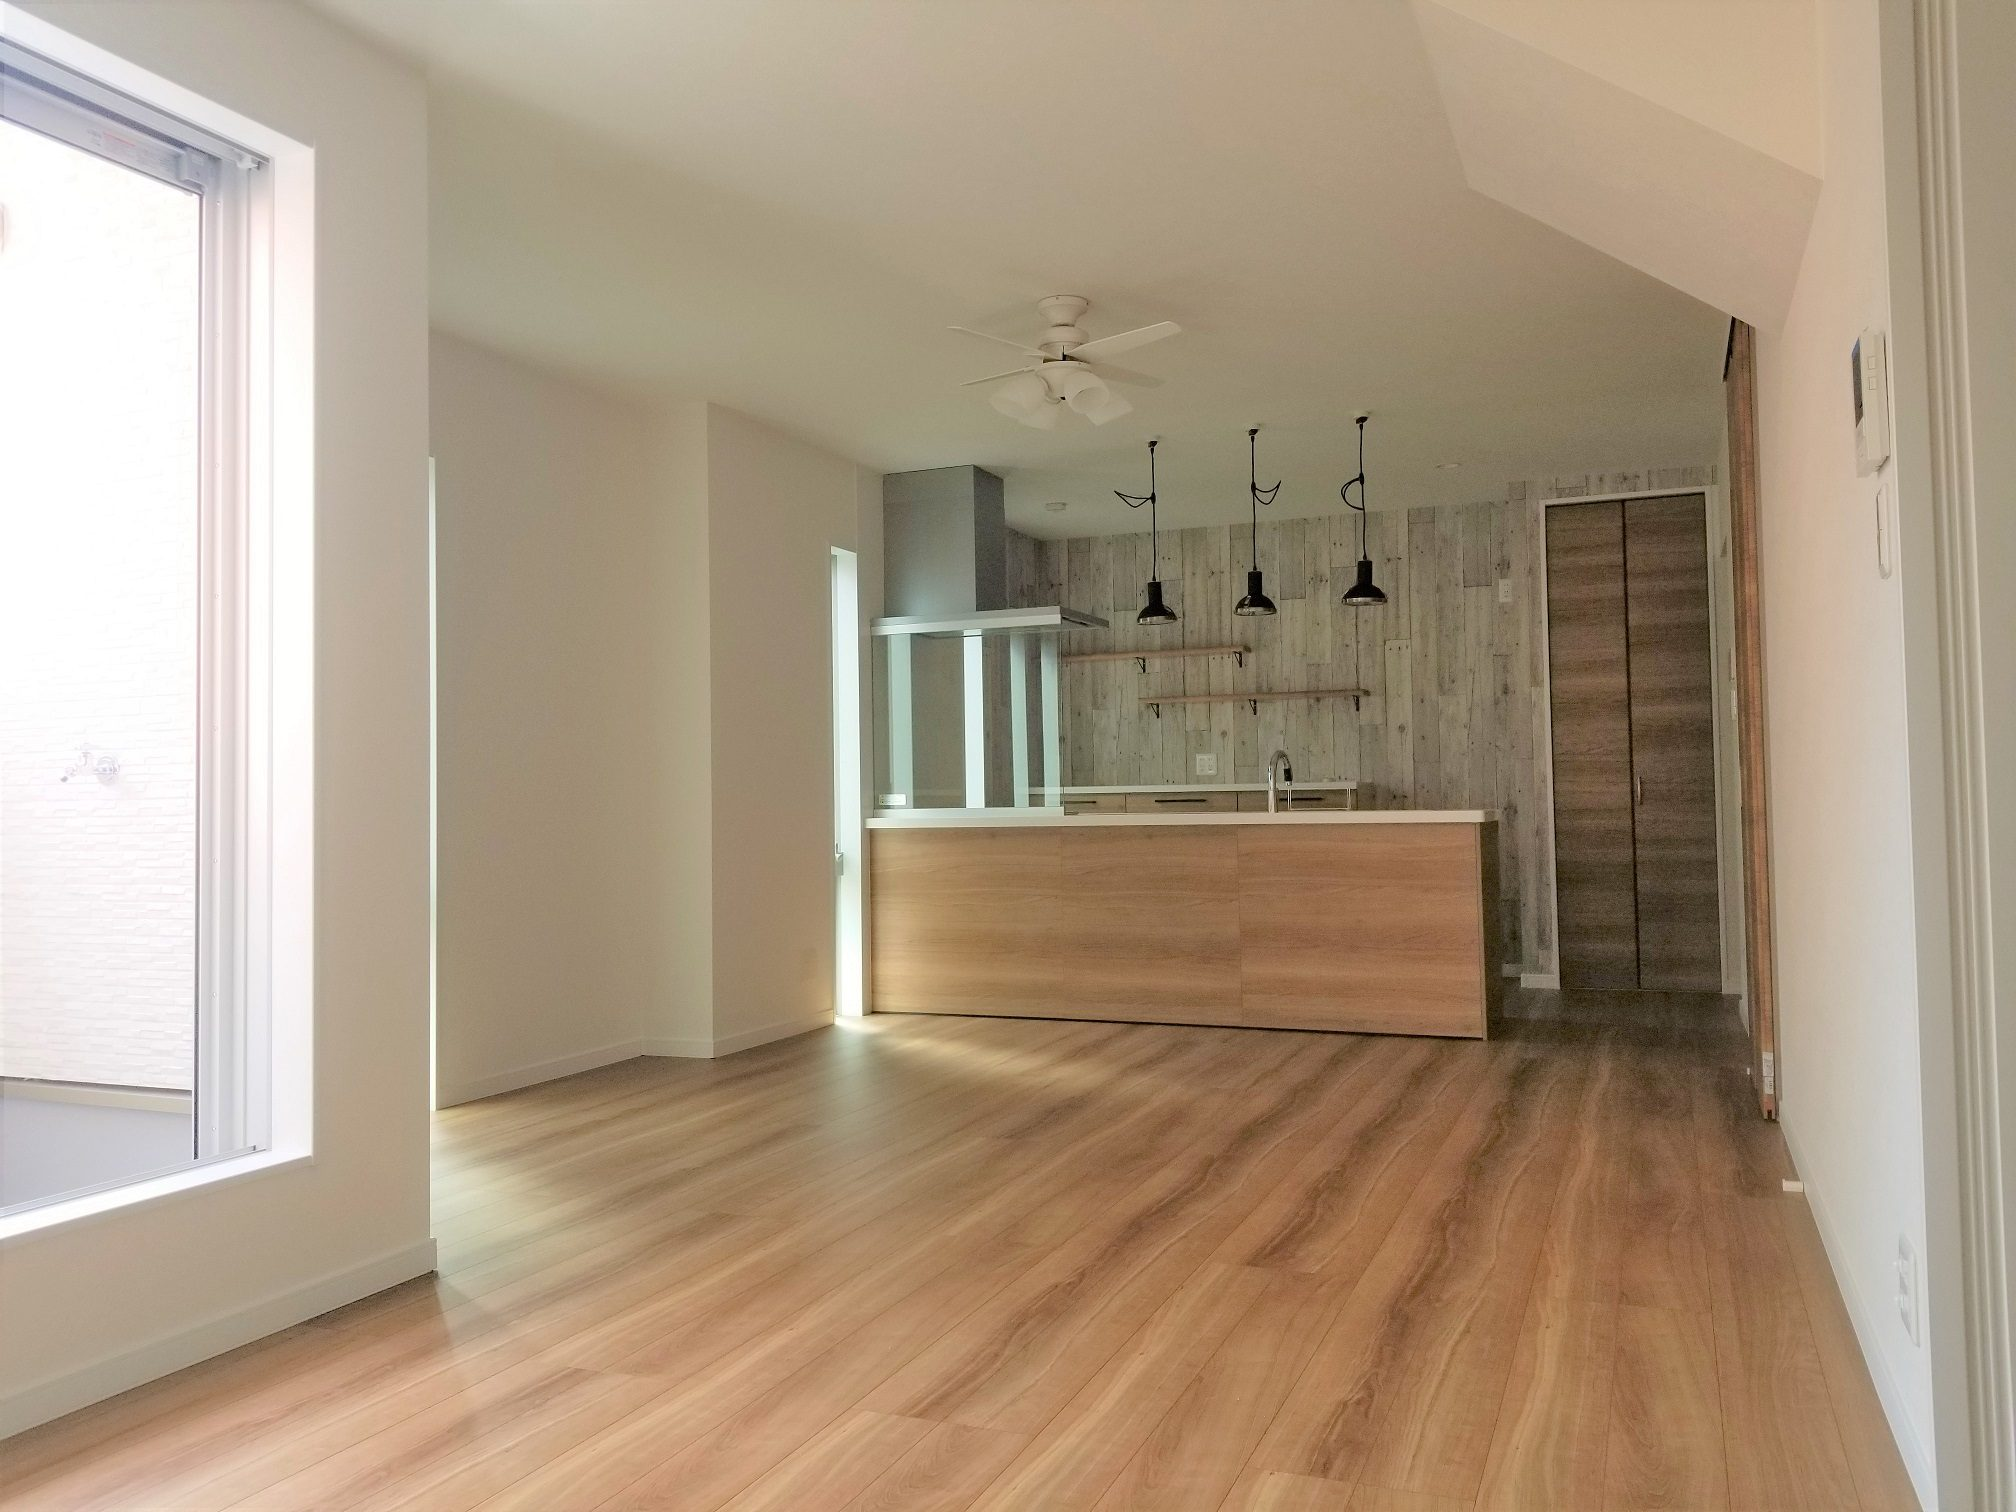 ゆったり広々リビングは大きめのソファやテレビを置いて家族のくつろぎ空間に(ル・メイユール他物件施工例)